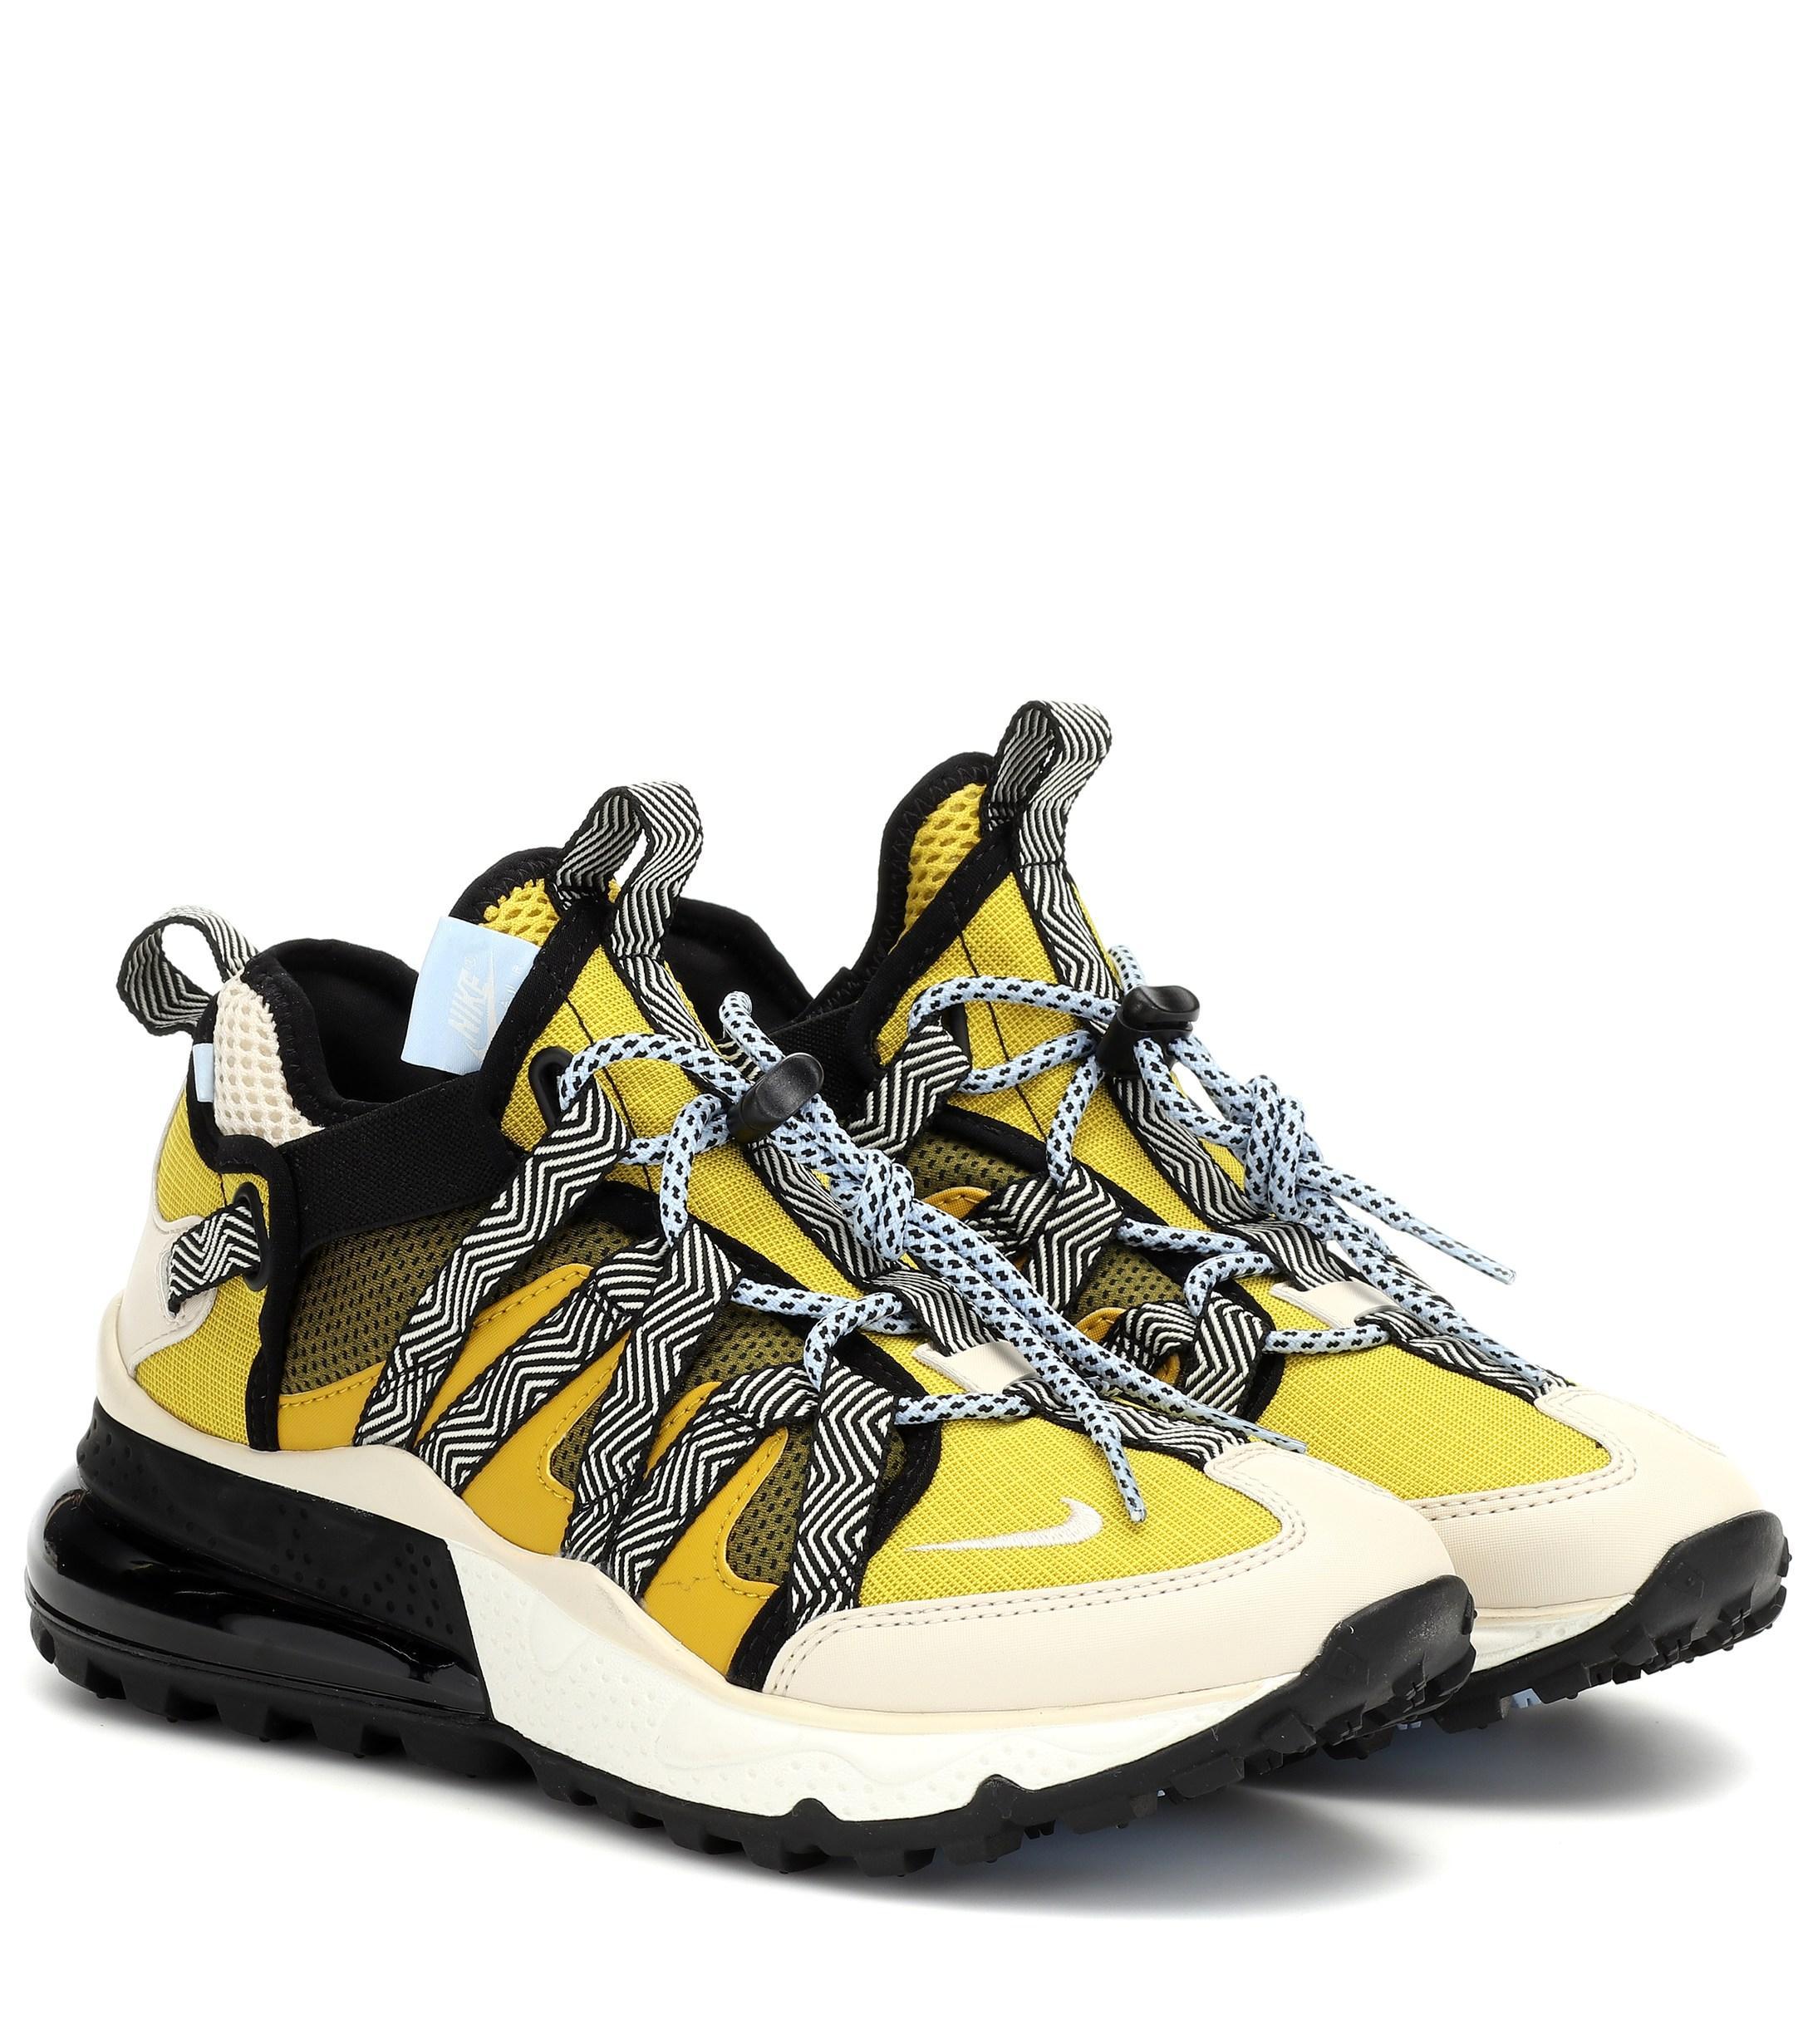 98689241d2 Nike Air Max 270 Bowfin Sneakers Dark Citron/light Cream - Lyst